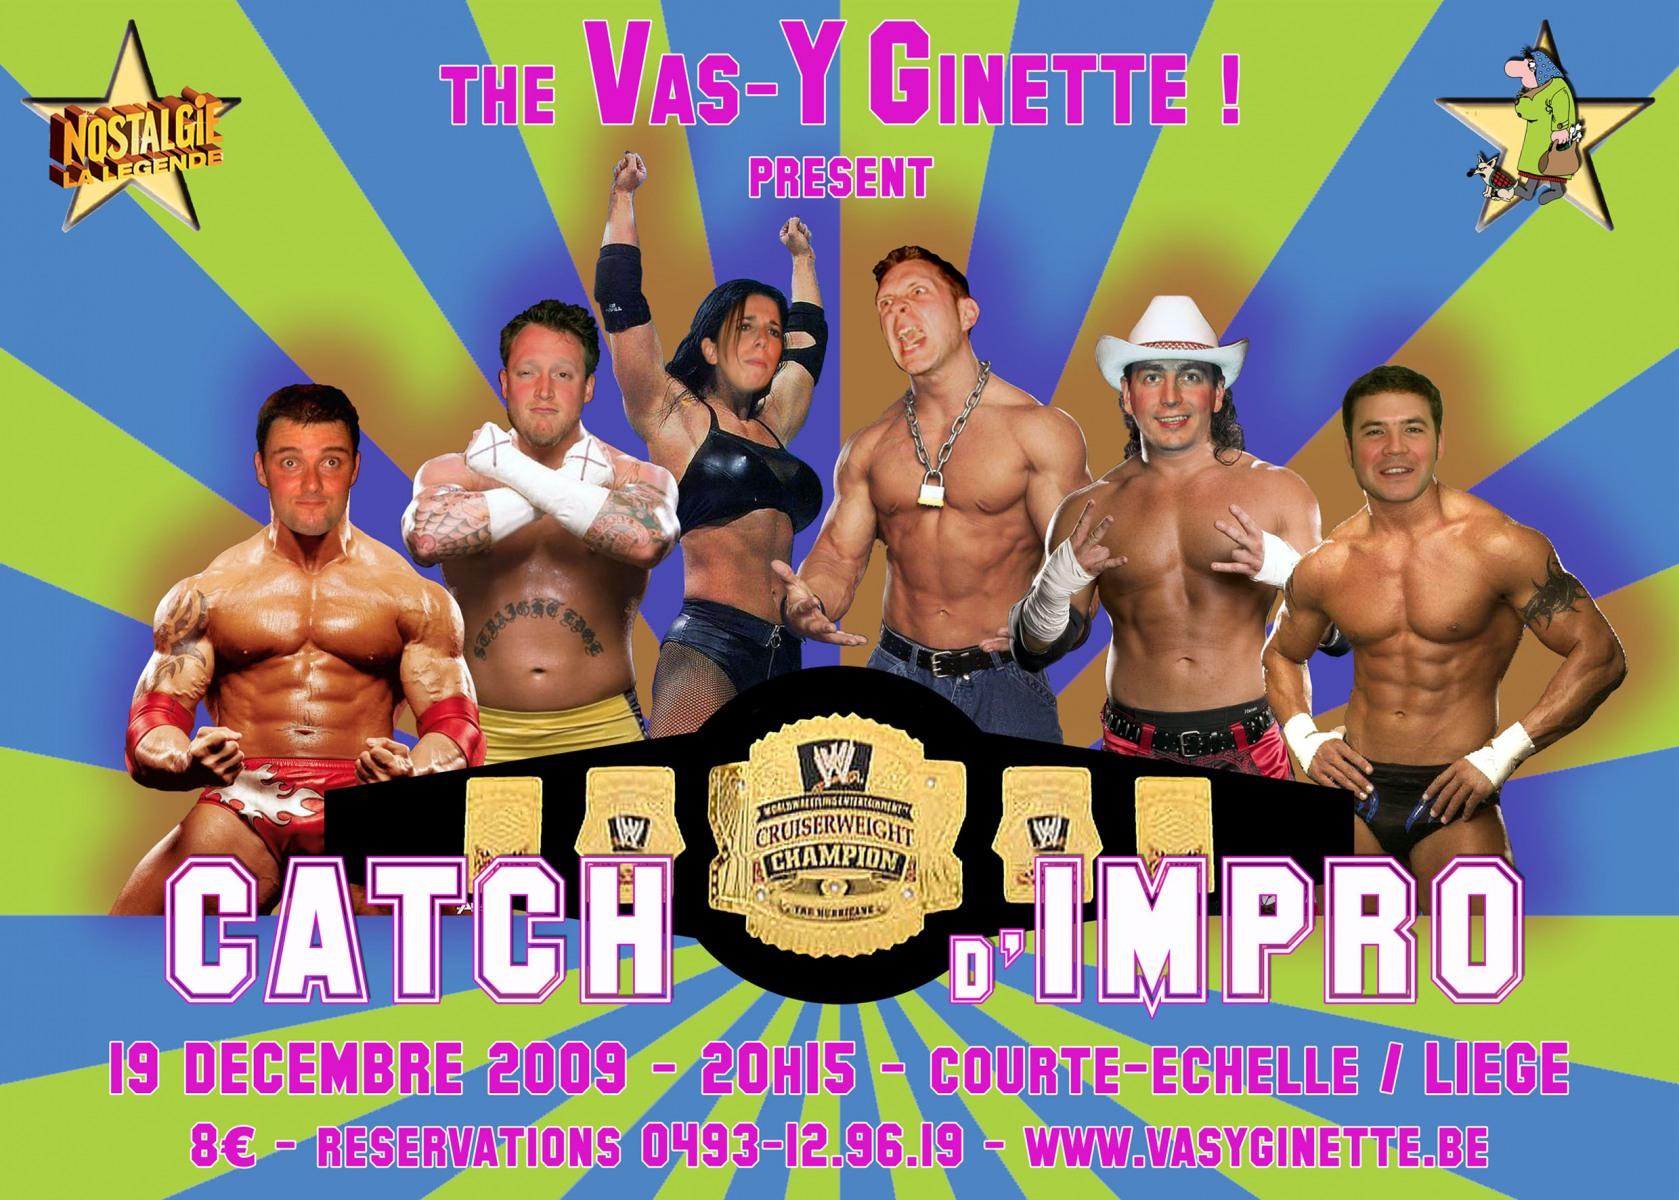 Affiche-catch-impro-19-dec-09